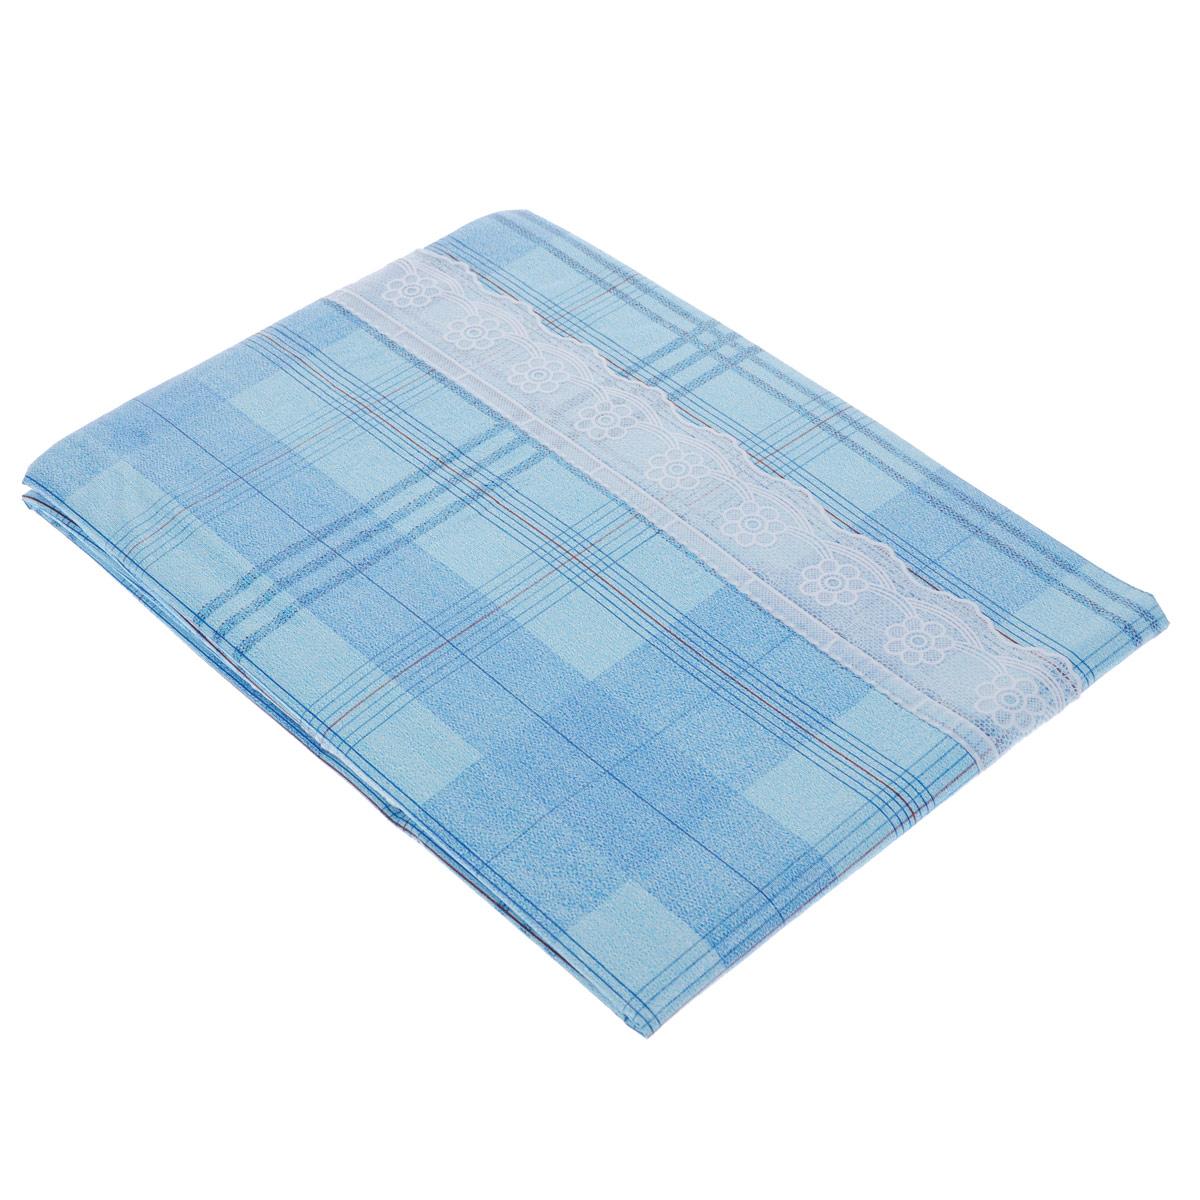 Скатерть виниловая Home Queen, прямоугольная, цвет: голубой, 107 x 152 см51537Великолепная прямоугольная скатерть Home Queen, выполненная из винила на нетканой основе с тиснением и волнистой каймой, органично впишется в интерьер любого помещения, а оригинальный дизайн удовлетворит даже самый изысканный вкус. Ажурный край скатерти придает ей оригинальность и своеобразие. В современном мире кухня - это не просто помещение для приготовления и приема пищи; это особое место, где собирается вся семья и царит душевная атмосфера. Кухня - душа вашего дома, поэтому важно создать в ней атмосферу уюта.